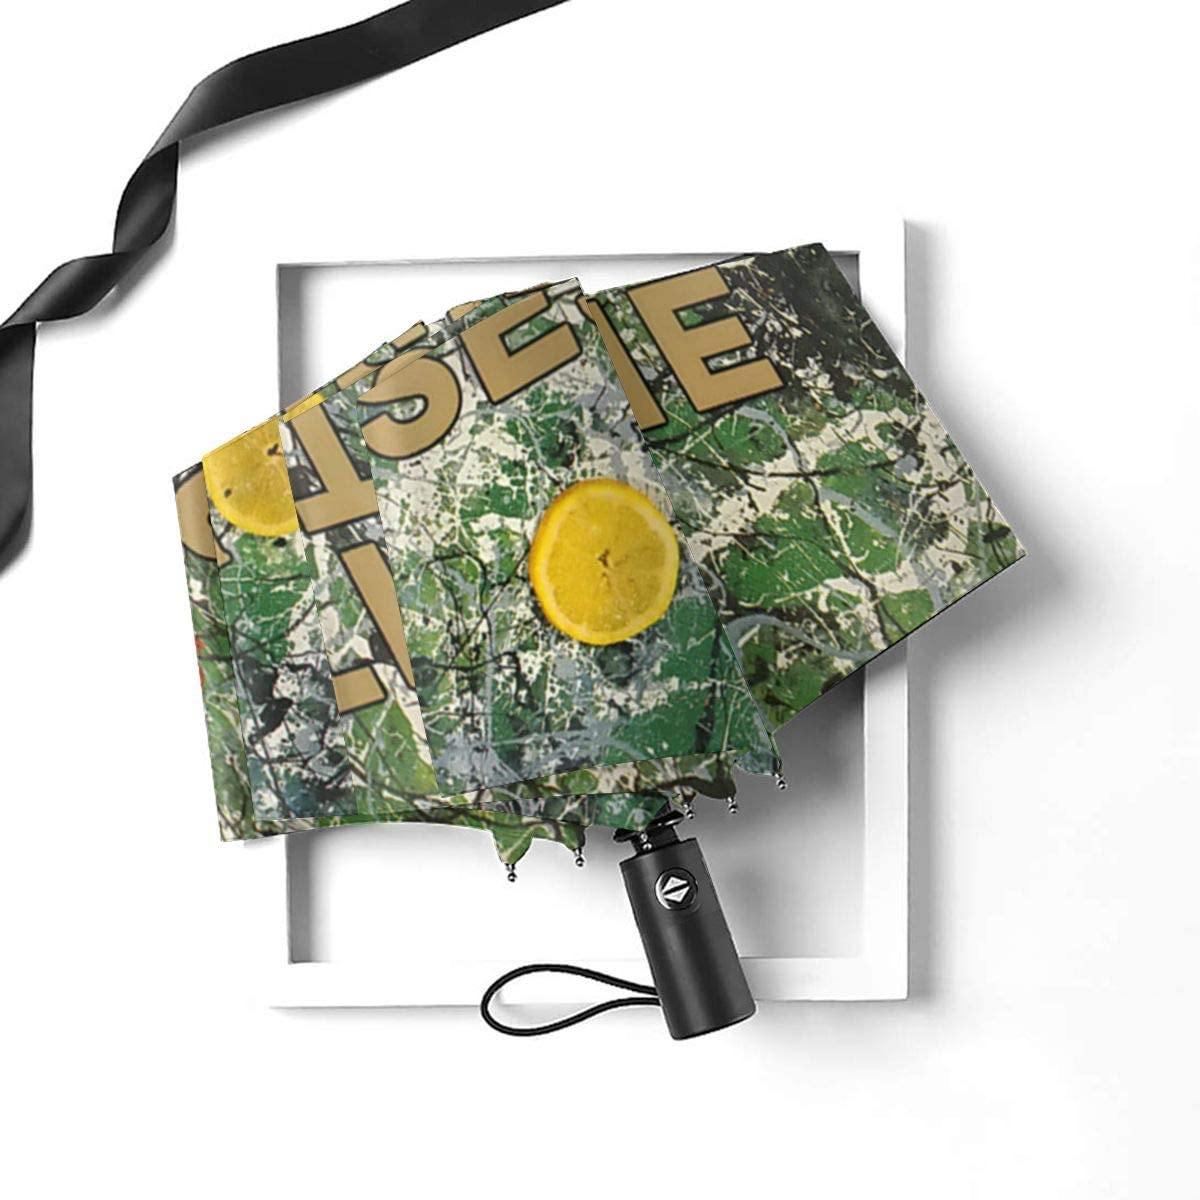 The Stone Roses Automatic Folding Umbrella Super Sunscreen Rain Portable Creative UV Protection Tri-Fold Umbrella